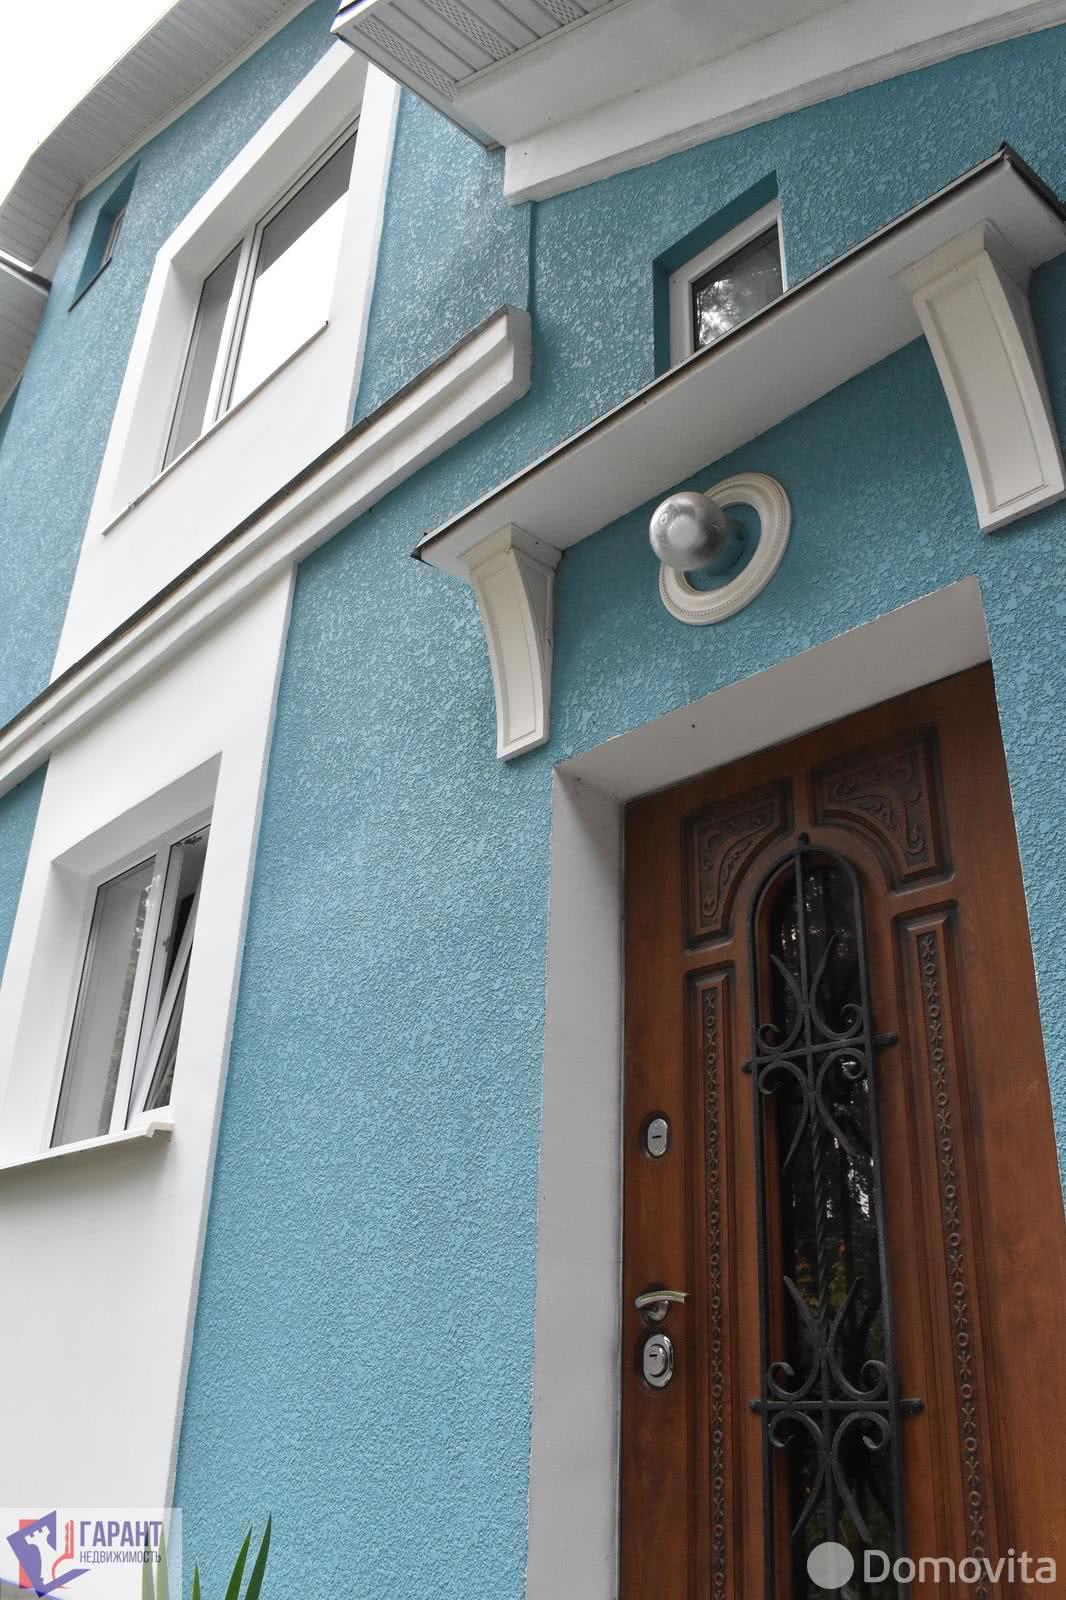 Продать 2-этажный дом в Минске, Минская область, ул. Ясная, д. 31 - фото 4